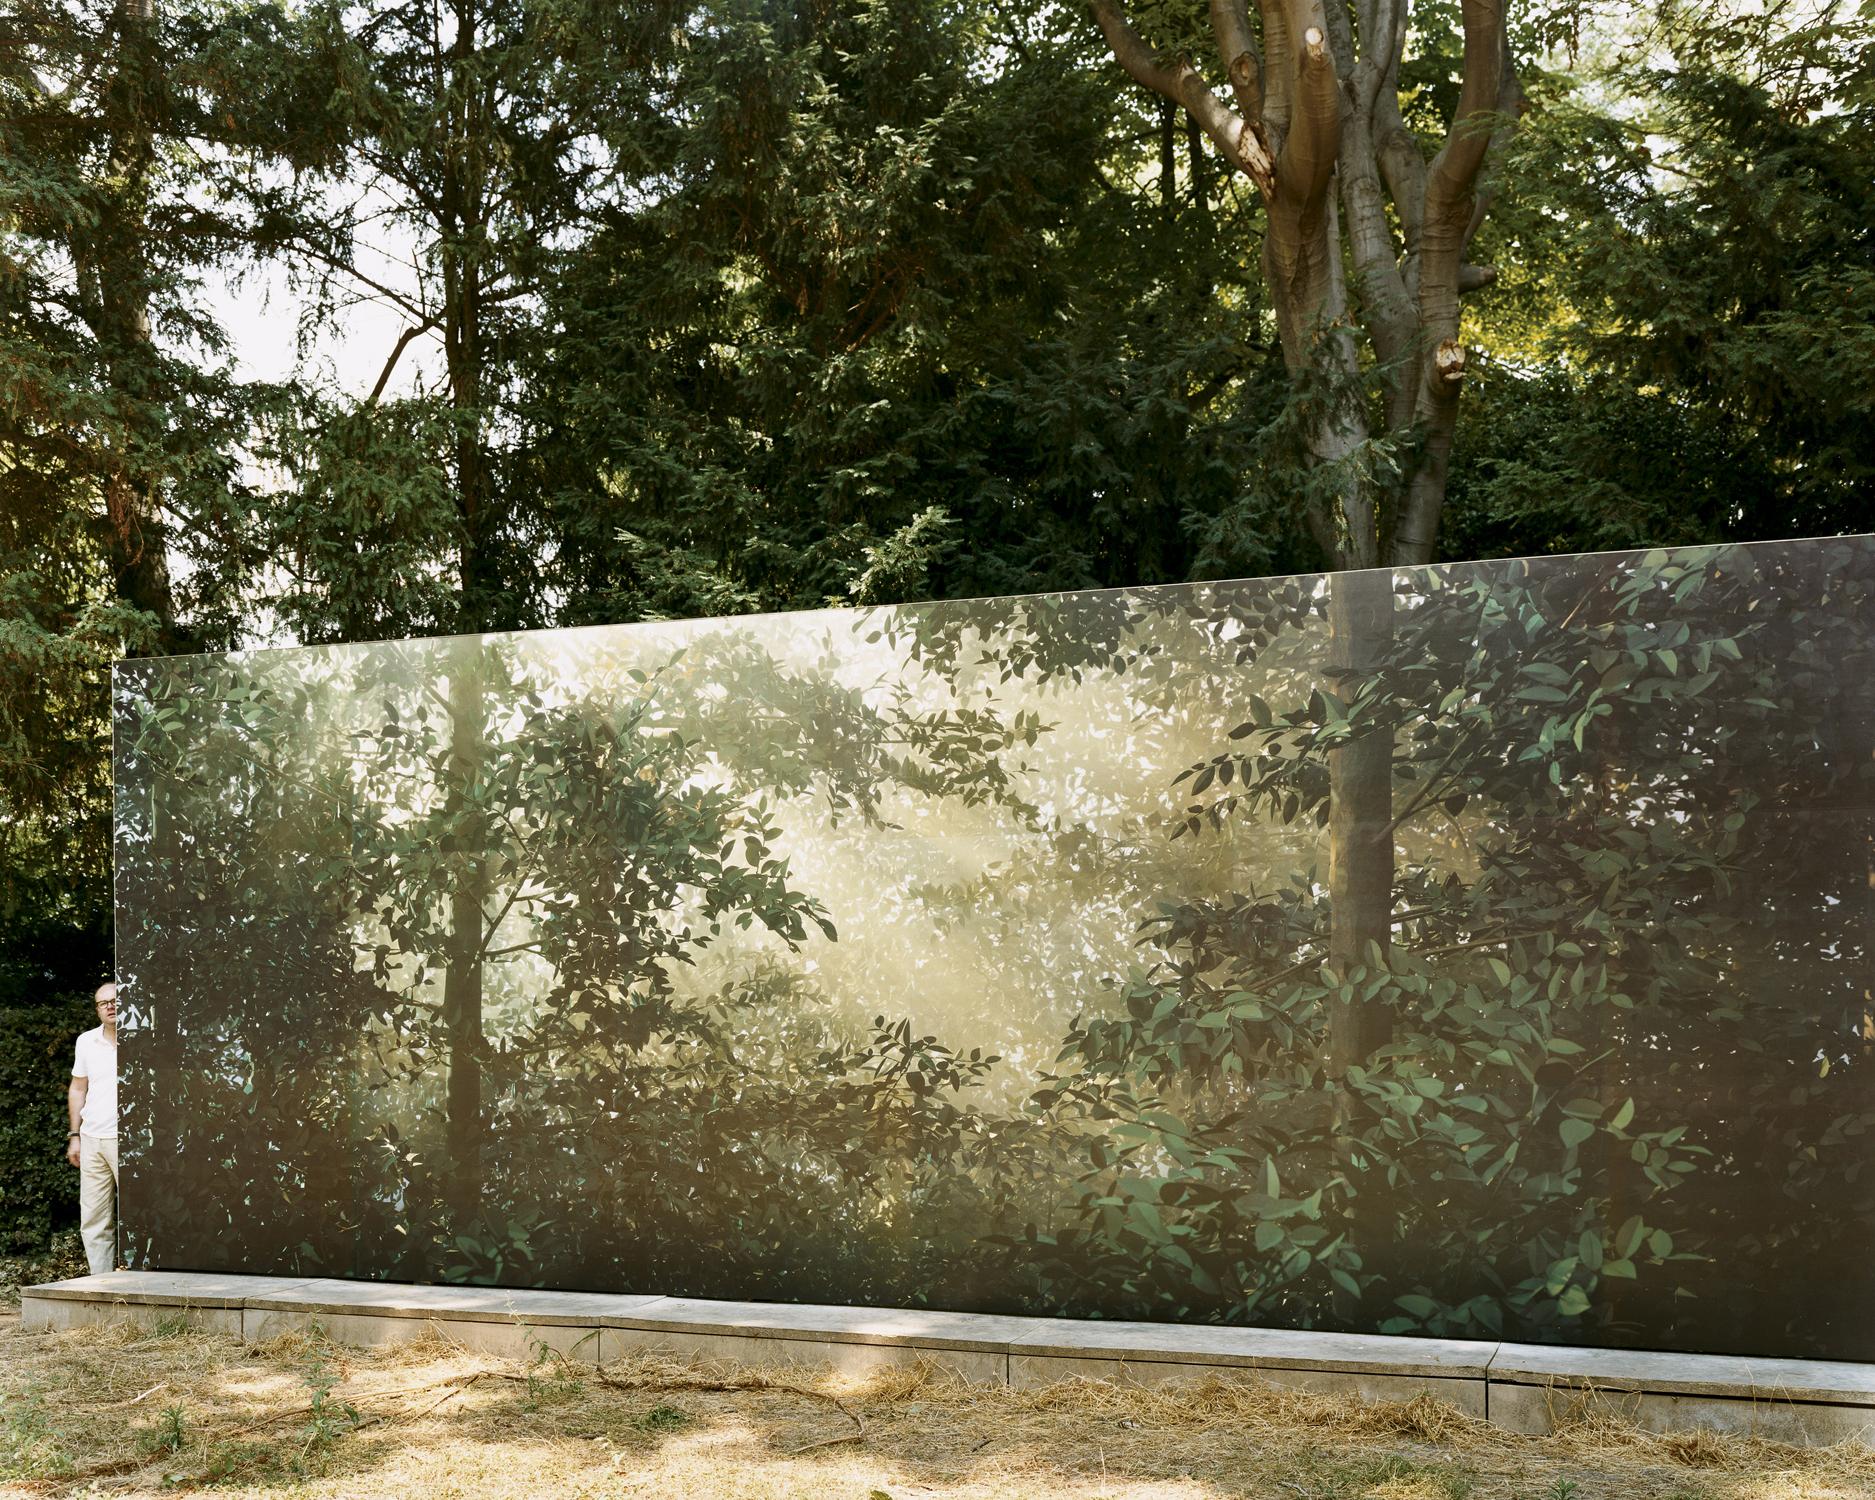 Thomas Demand, 2003 Venice, Italy